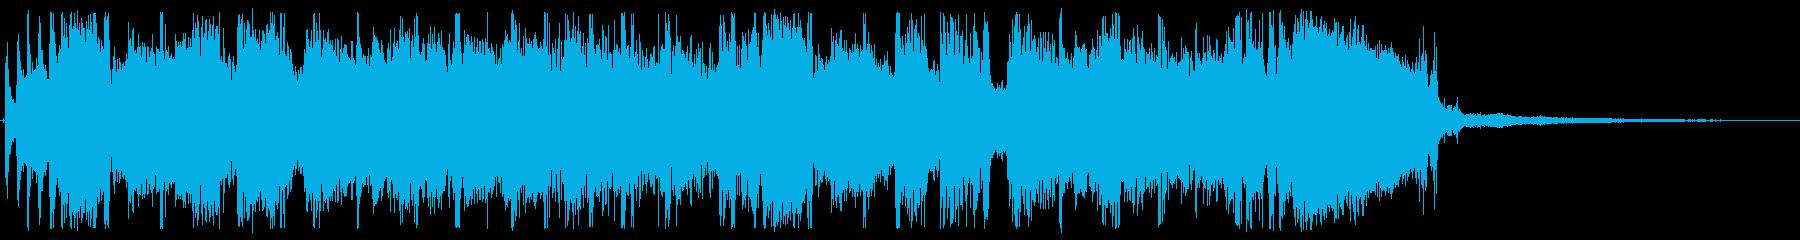 リターンマッチを促すような旋律の再生済みの波形